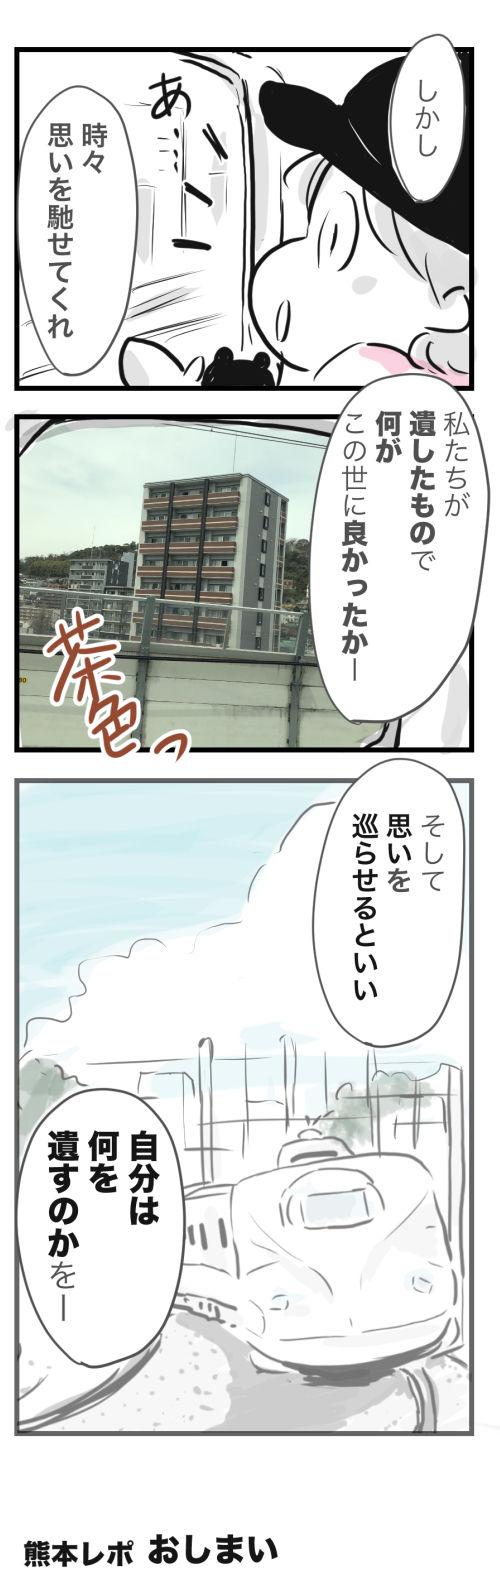 熊本レポ6−4−2